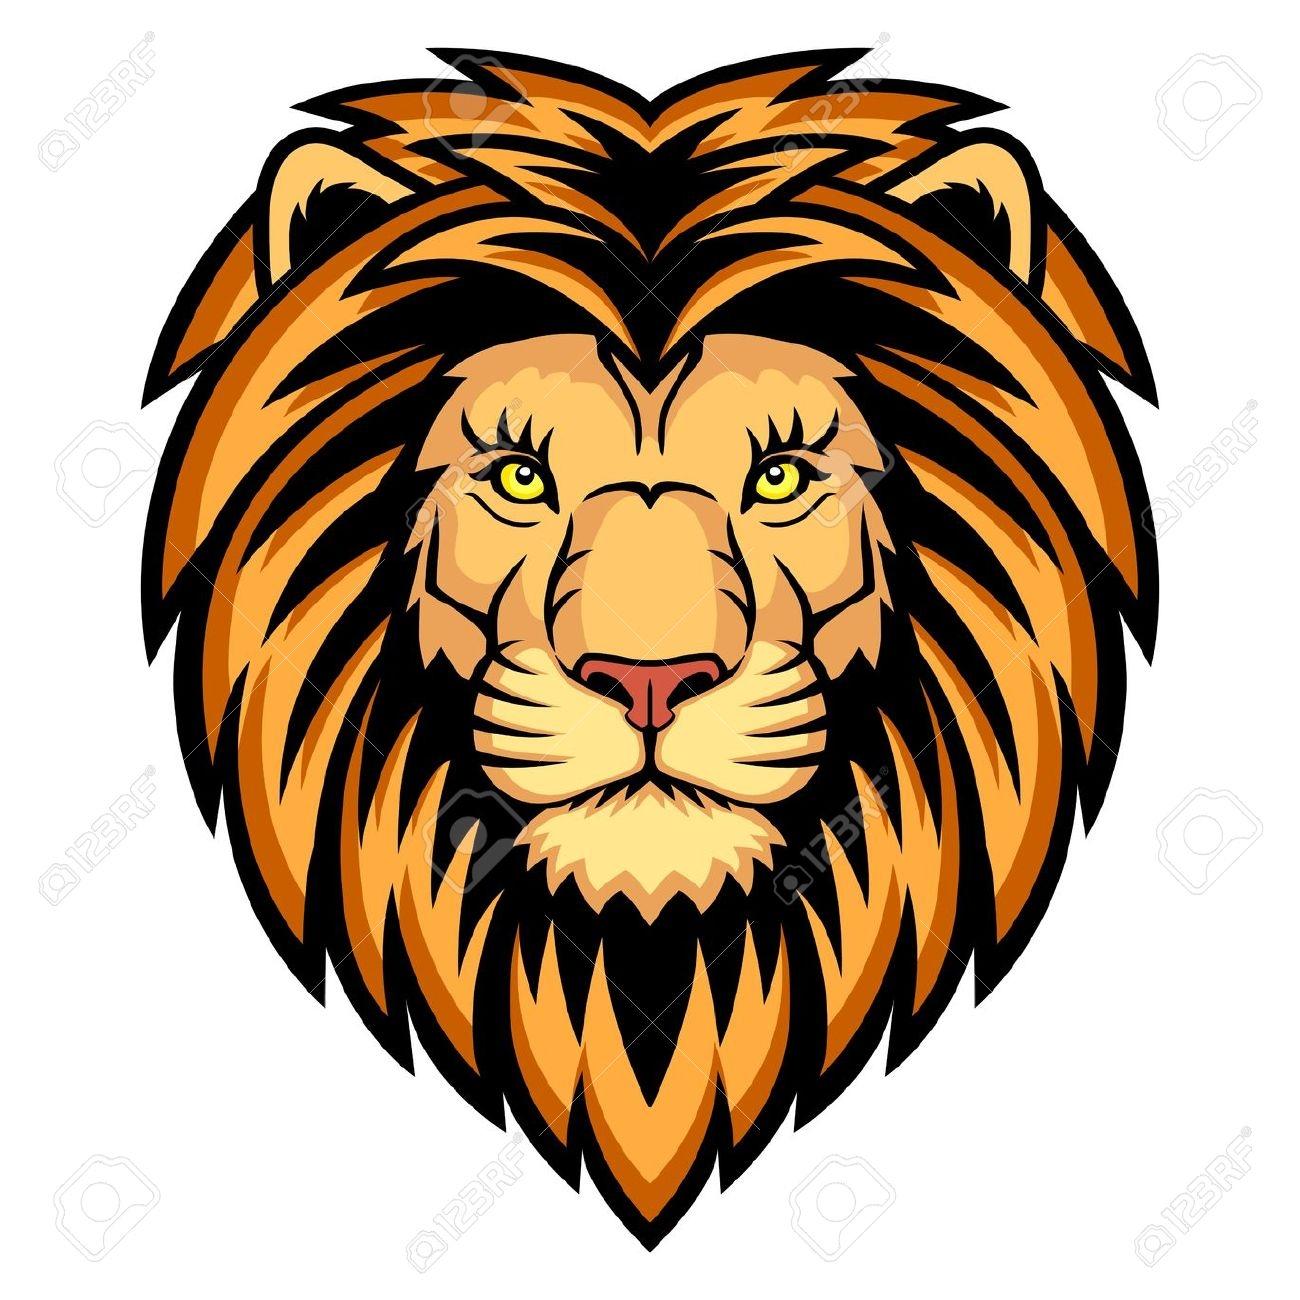 Clipart lion face.